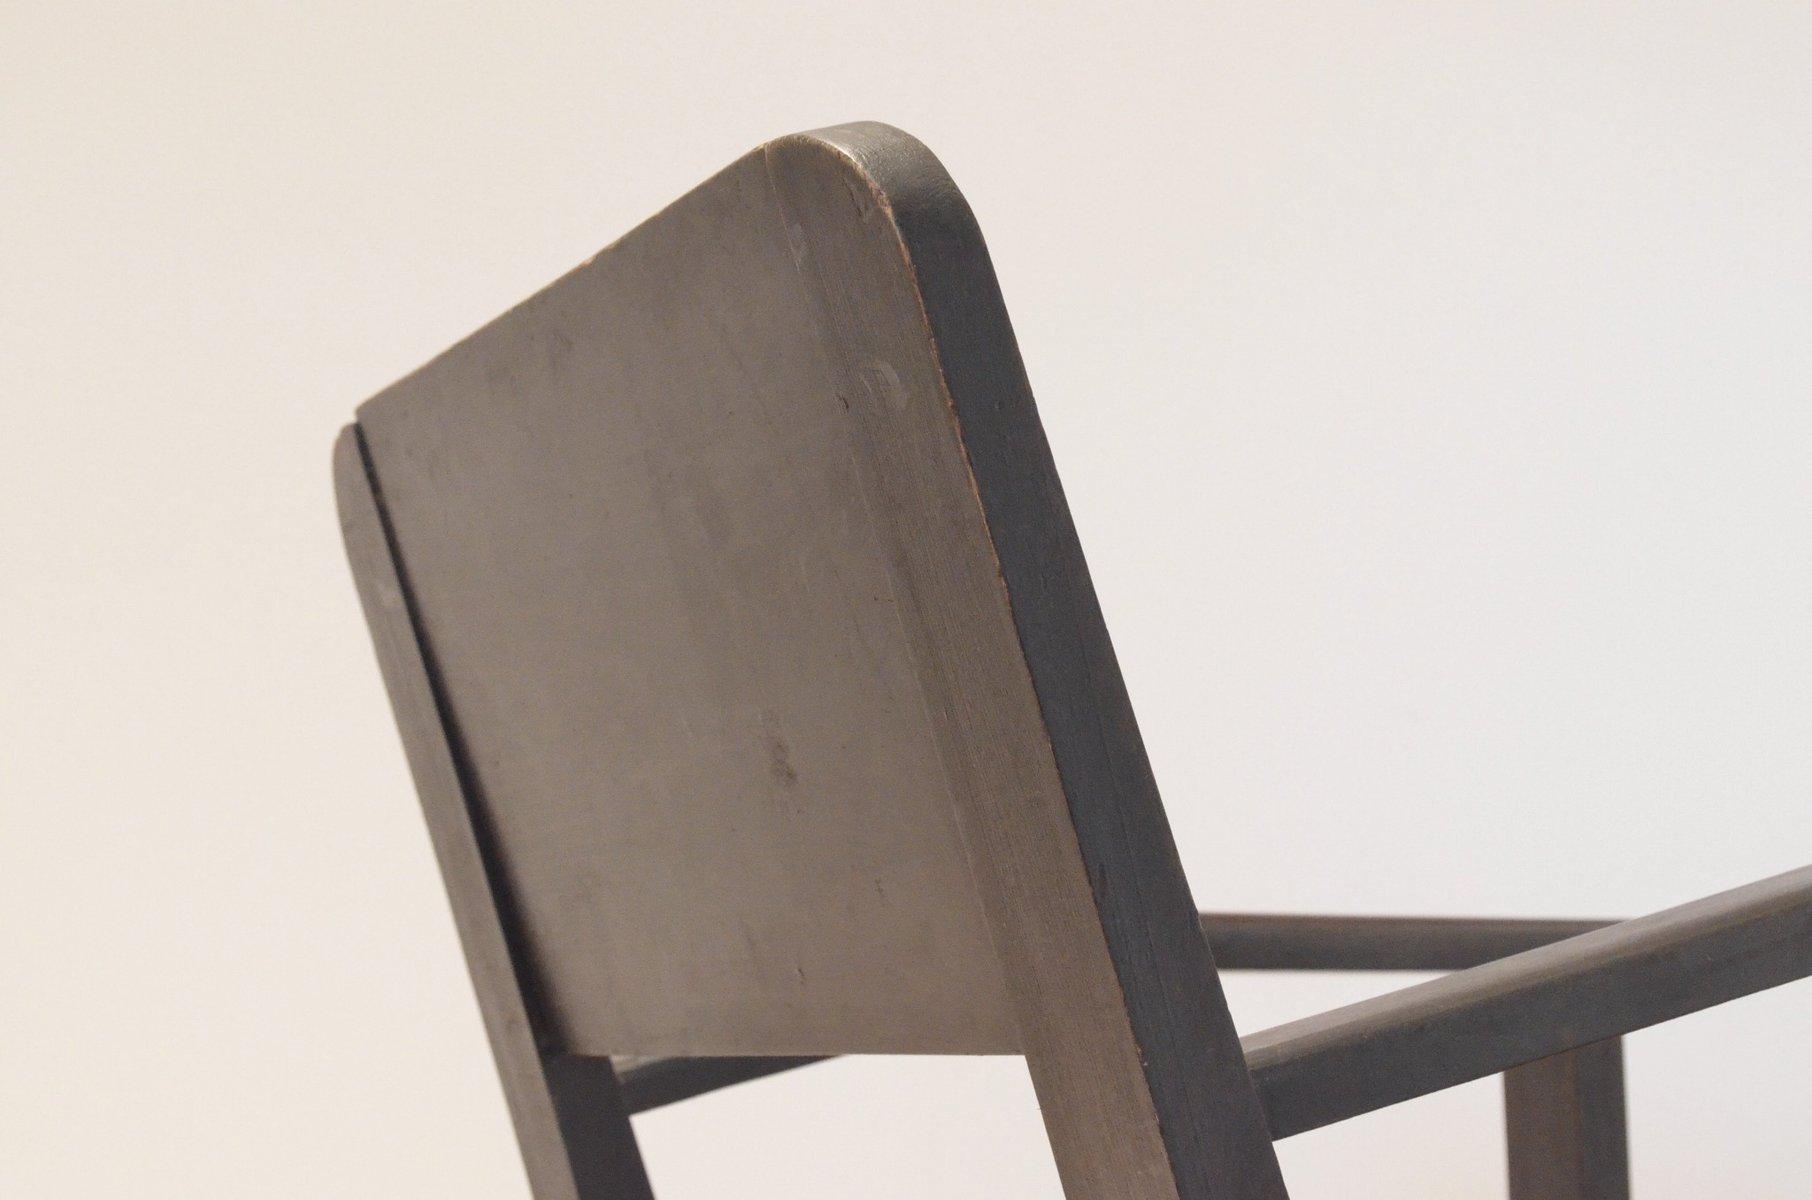 franz sische vintage sessel aus geschnitztem. Black Bedroom Furniture Sets. Home Design Ideas